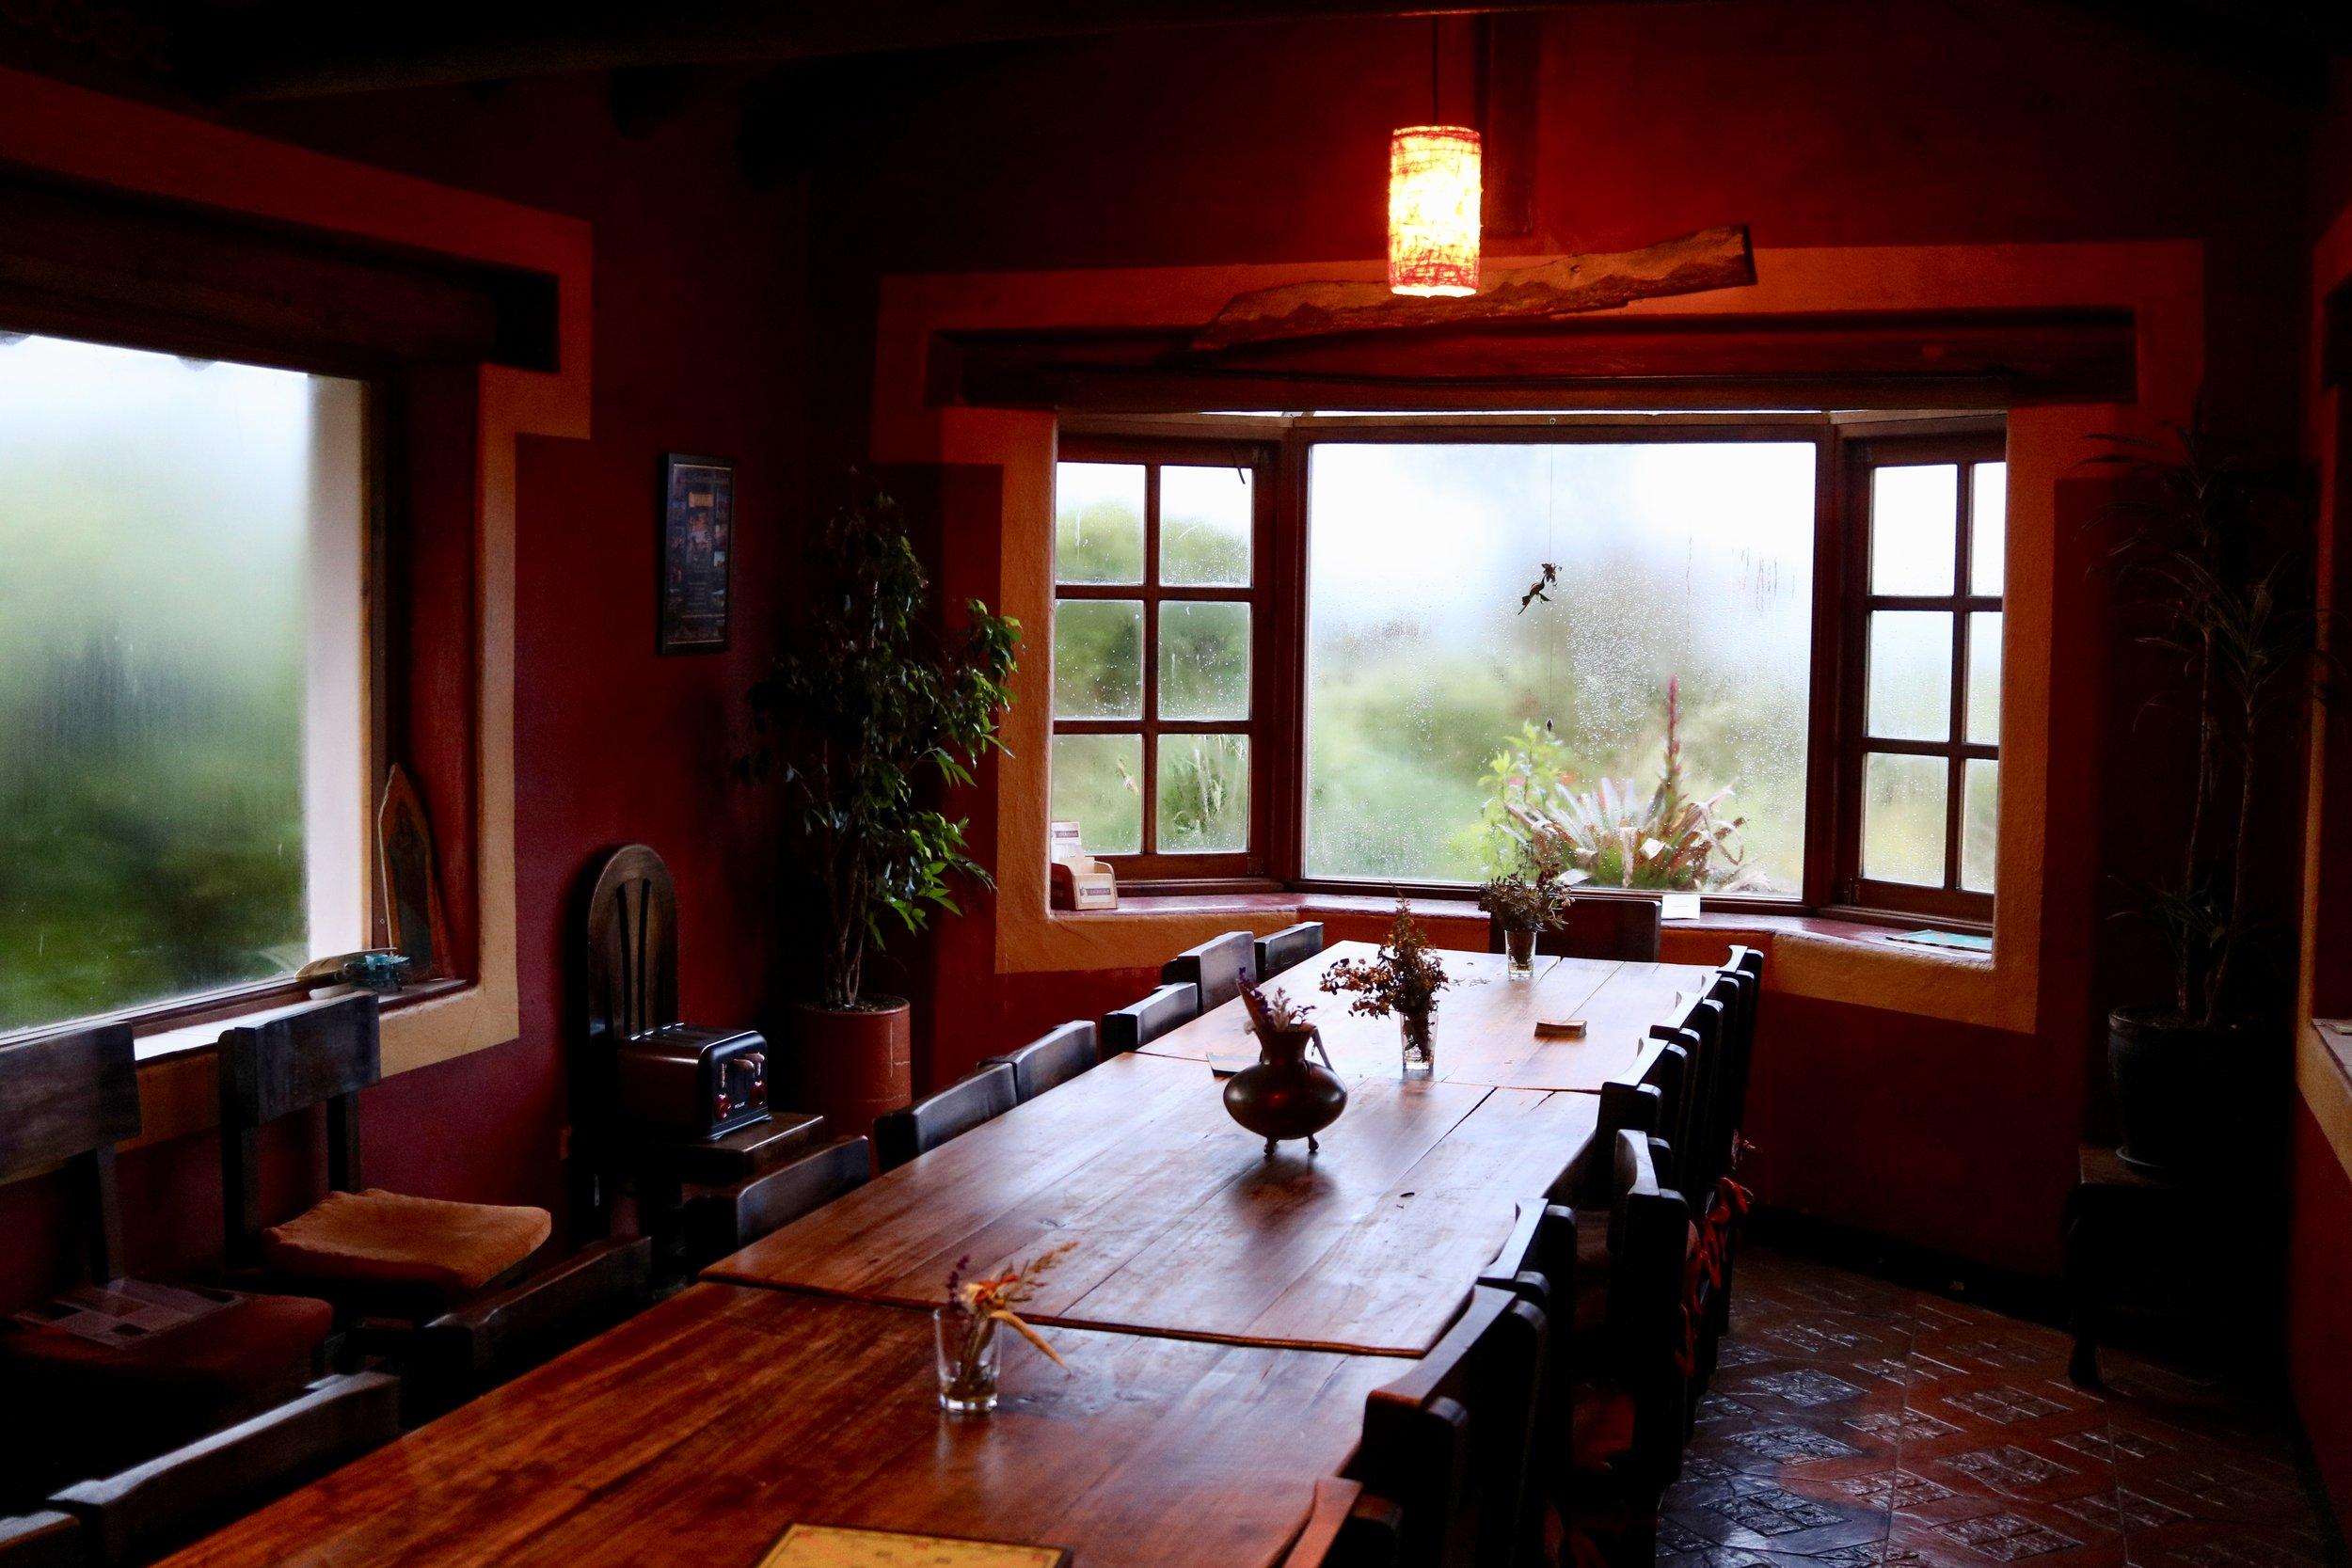 Dining Room at Secret Garden Cotopaxi, Ecuador